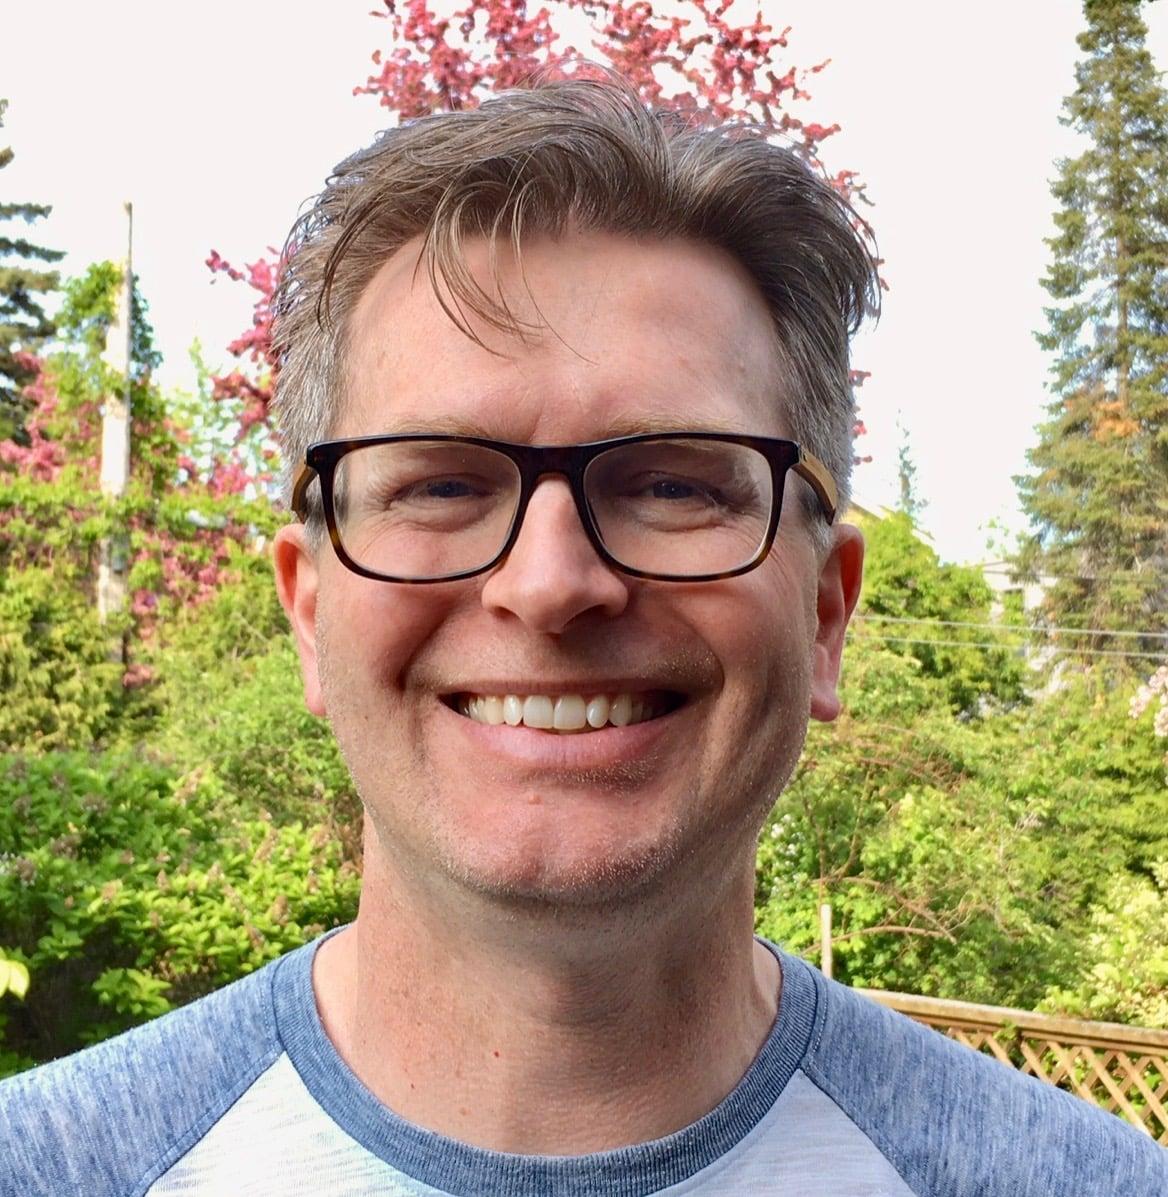 Matthew Lange